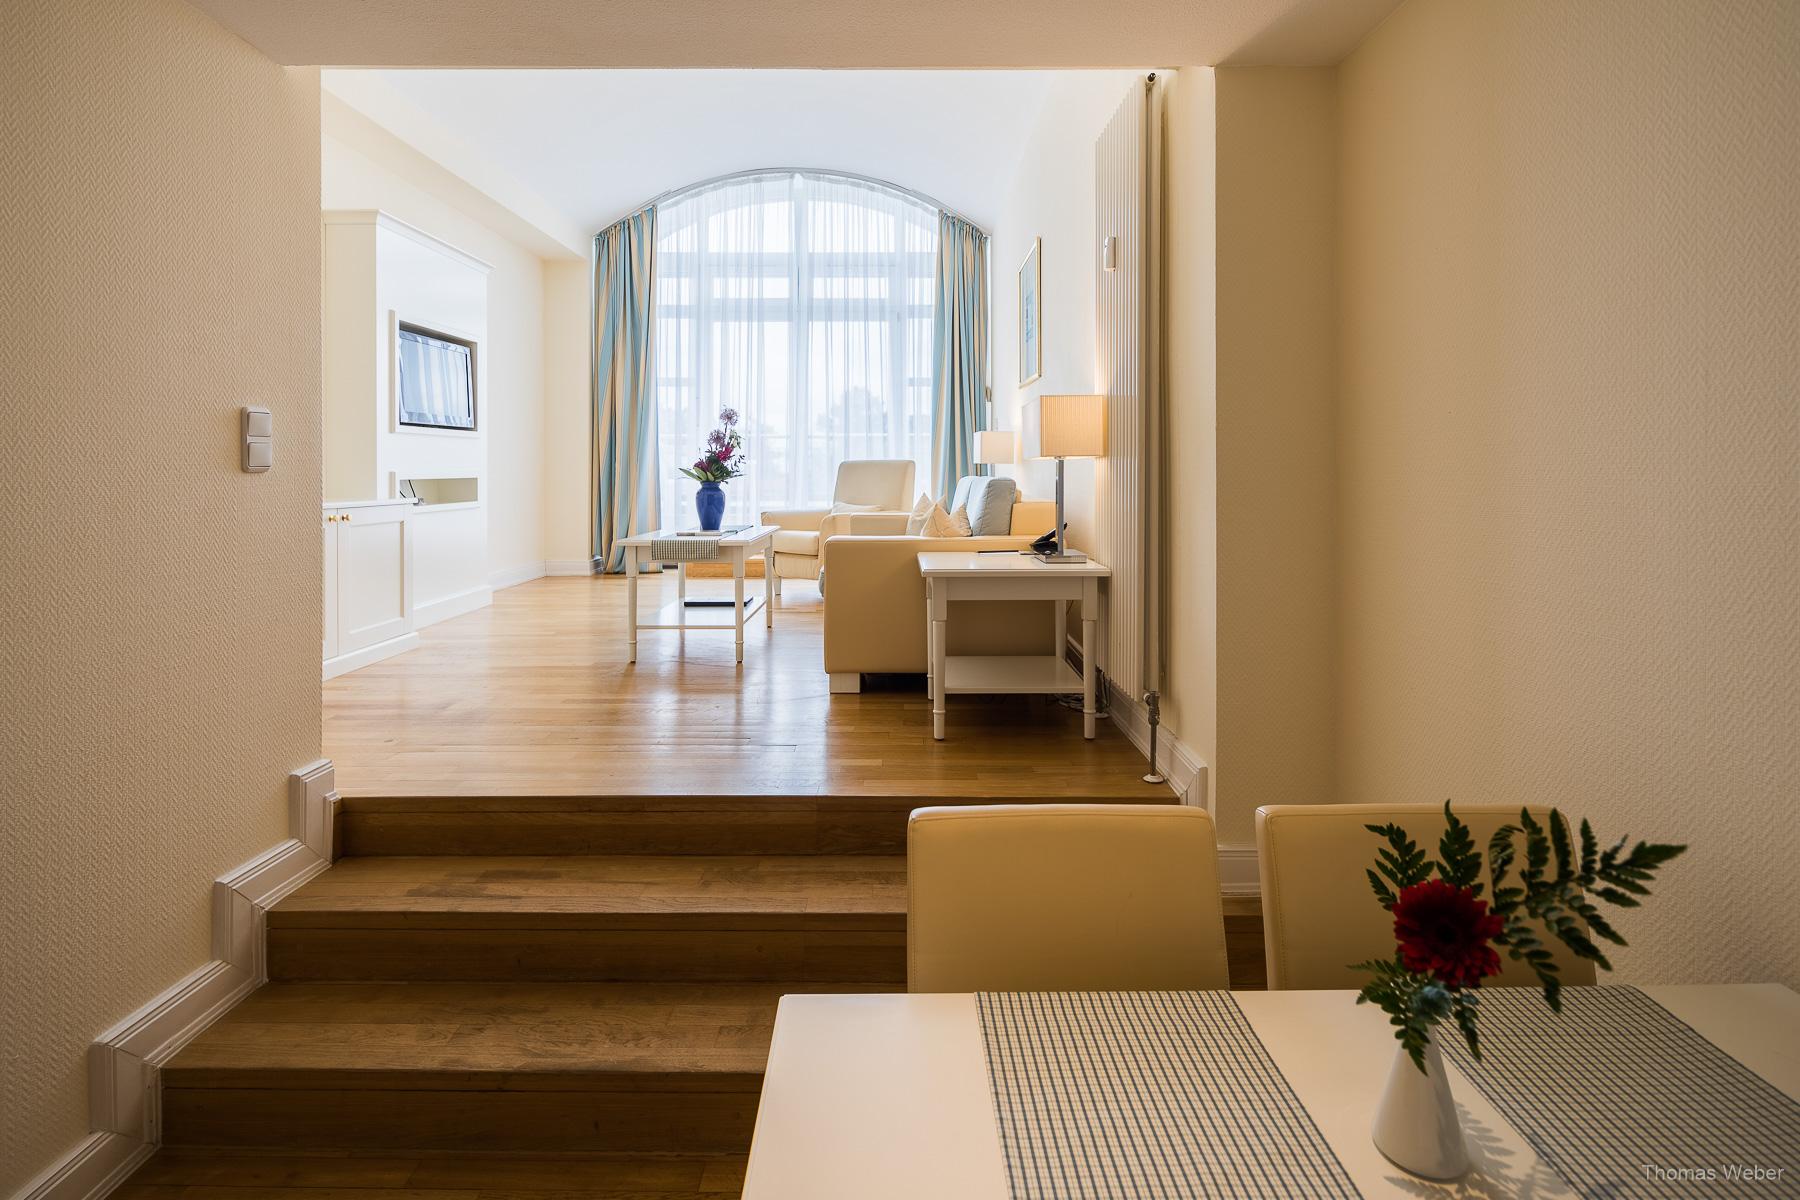 Hotelfotos vom Strandhotel Kurhaus Juist, Architekturfotograf und Hotelfotograf Thomas Weber aus Oldenburg